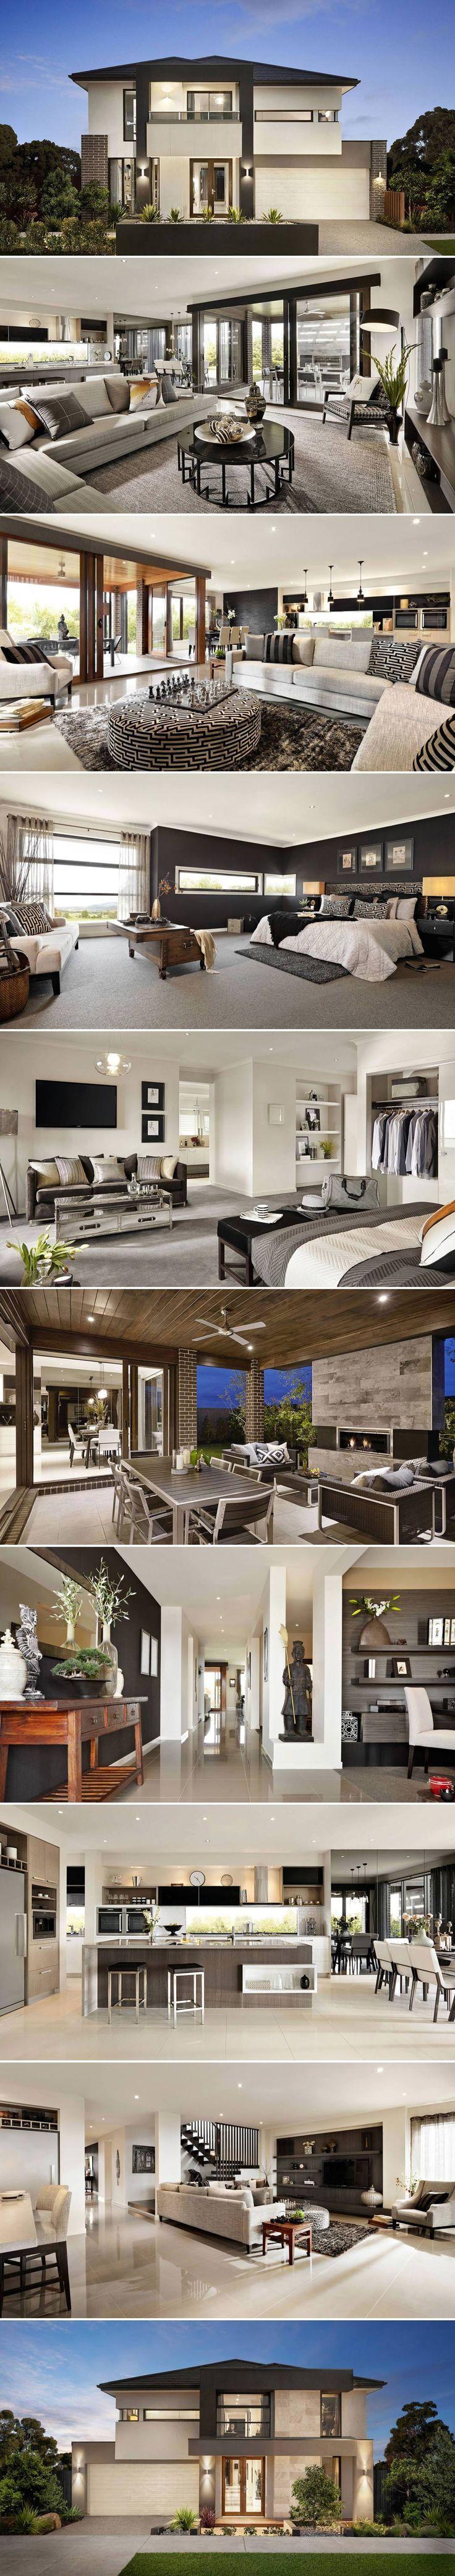 Außergewöhnliches Modernes Zuhause. Ich Liebe Fast Alles Daran. Außergewöhnliches modernes Zuhause. Ich liebe fast alles daran. Home Trends home color trends for 2017